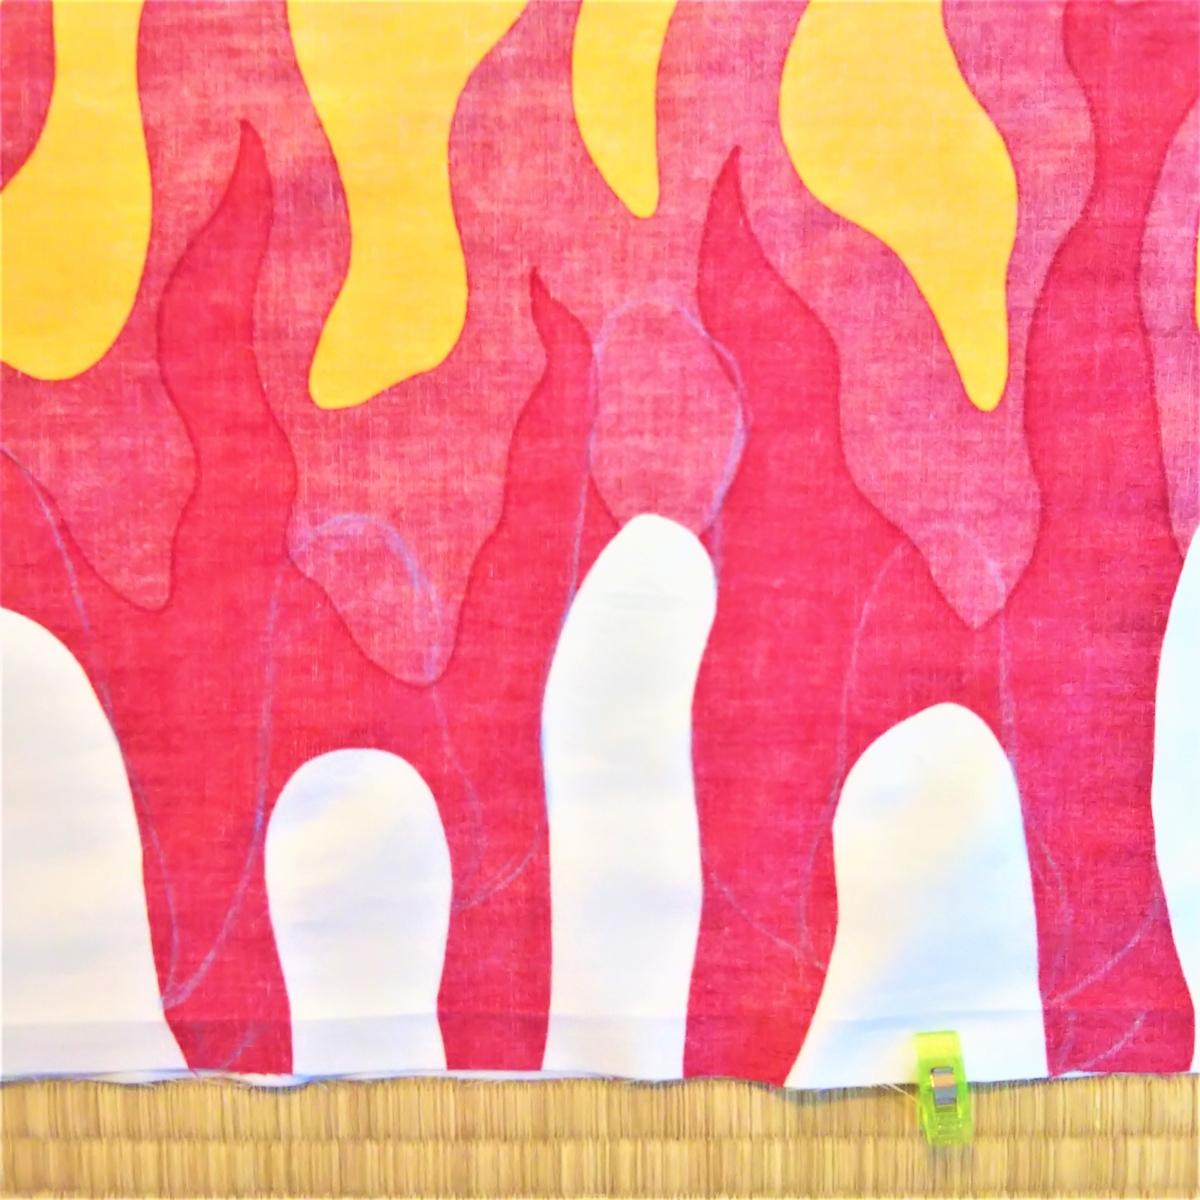 煉獄さん風マント 10㎝上に模様を描きなおす